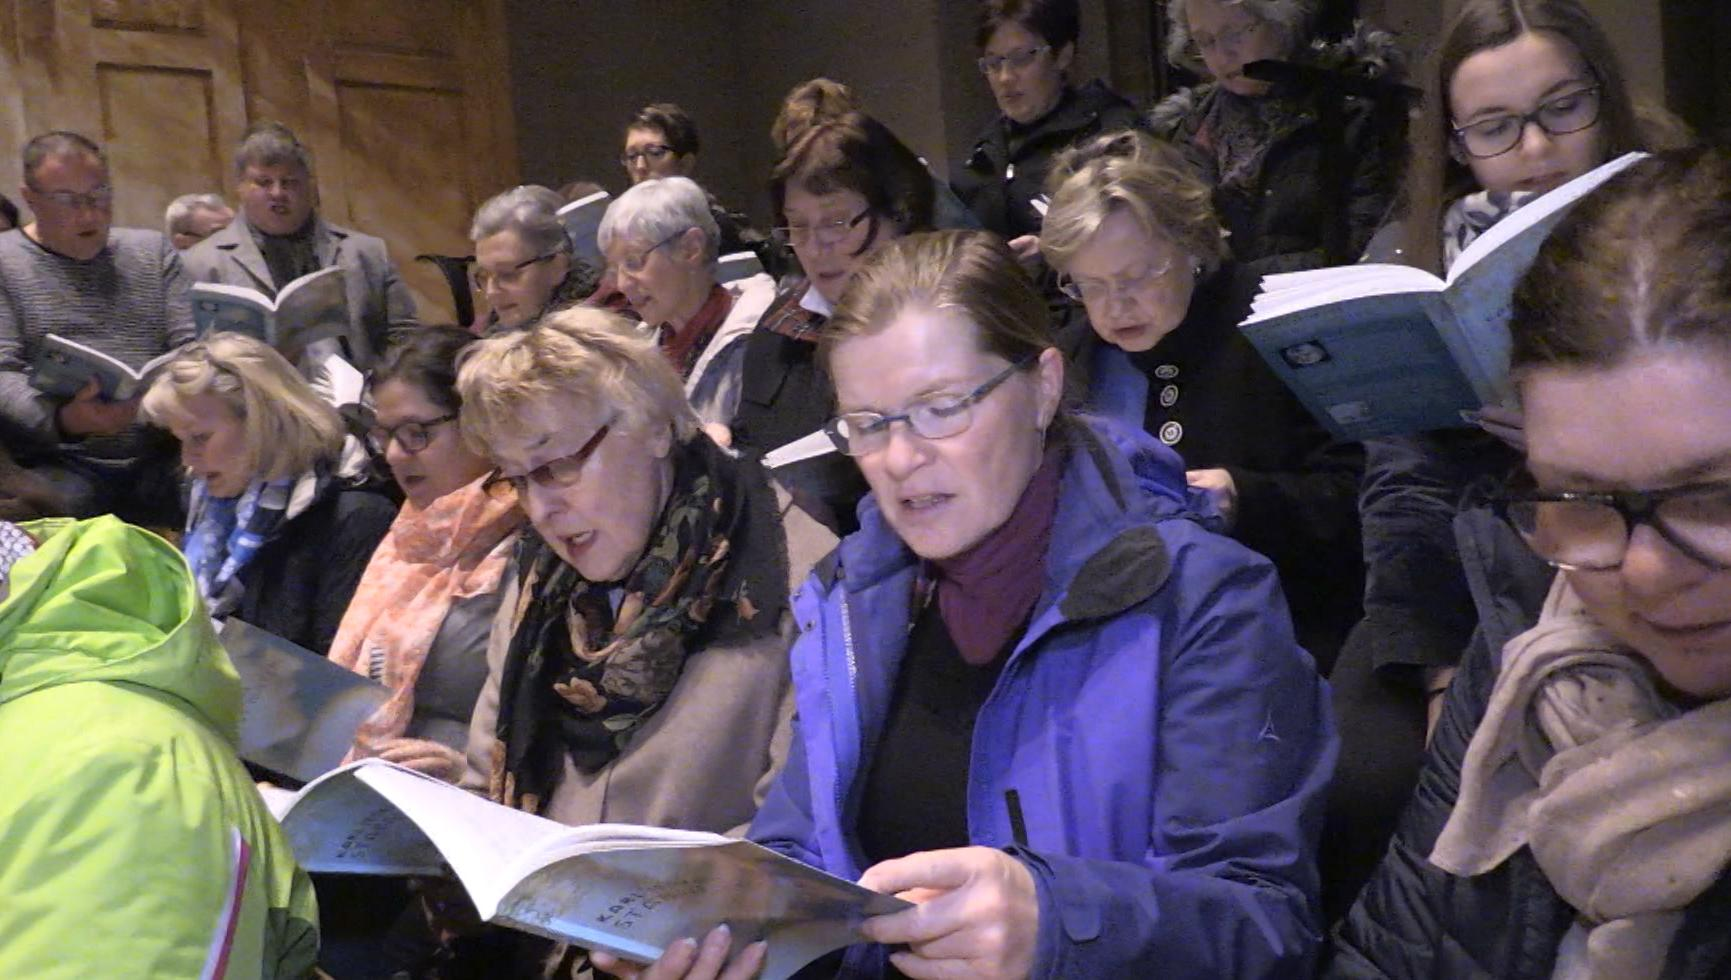 Die Sängerinnen und Sänger aus Schwabmünchen schauen konzentriert in ihre Noten.